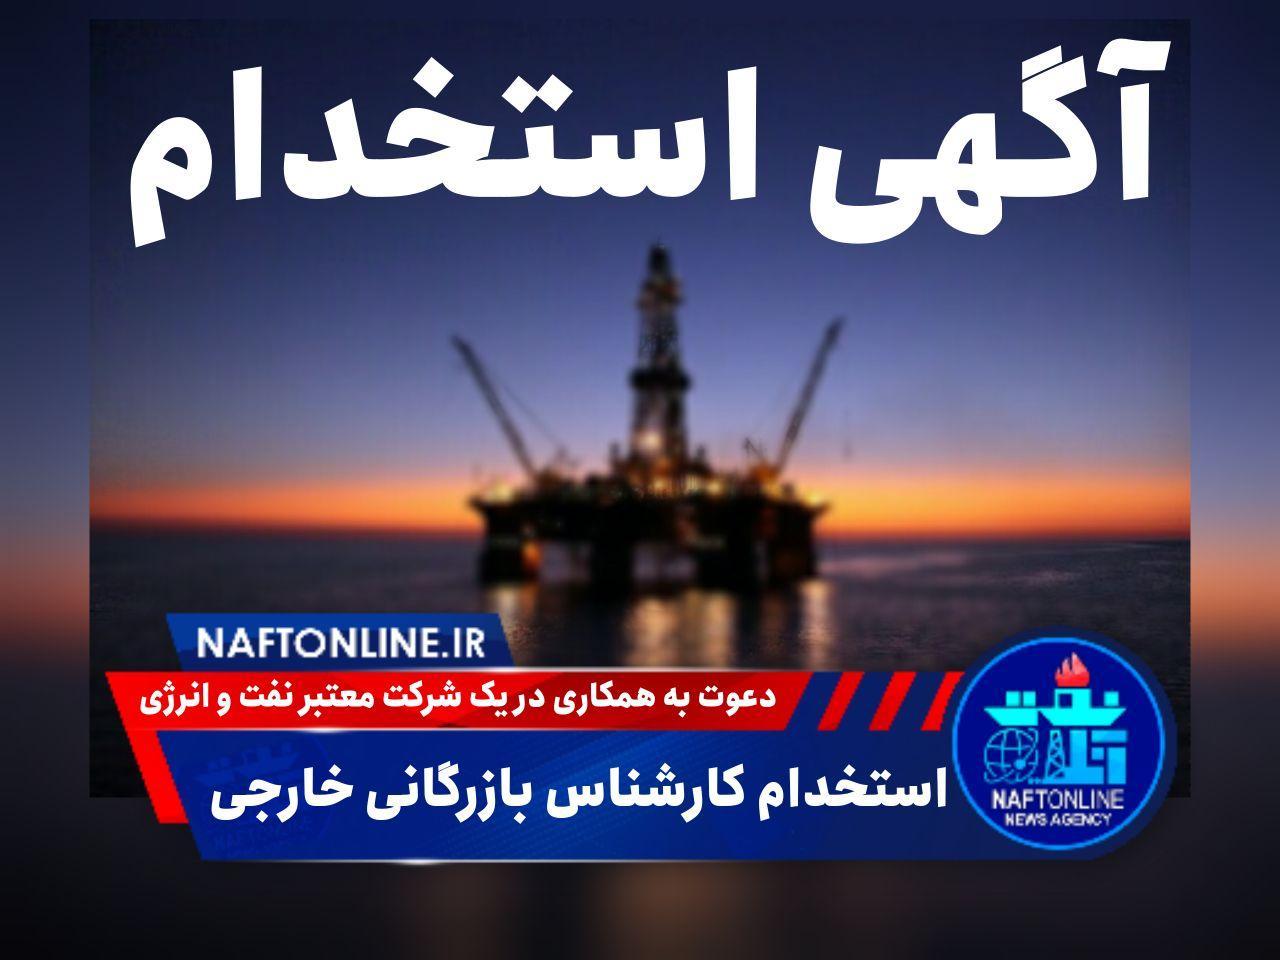 اخبار استخدامی   نفت آنلاین